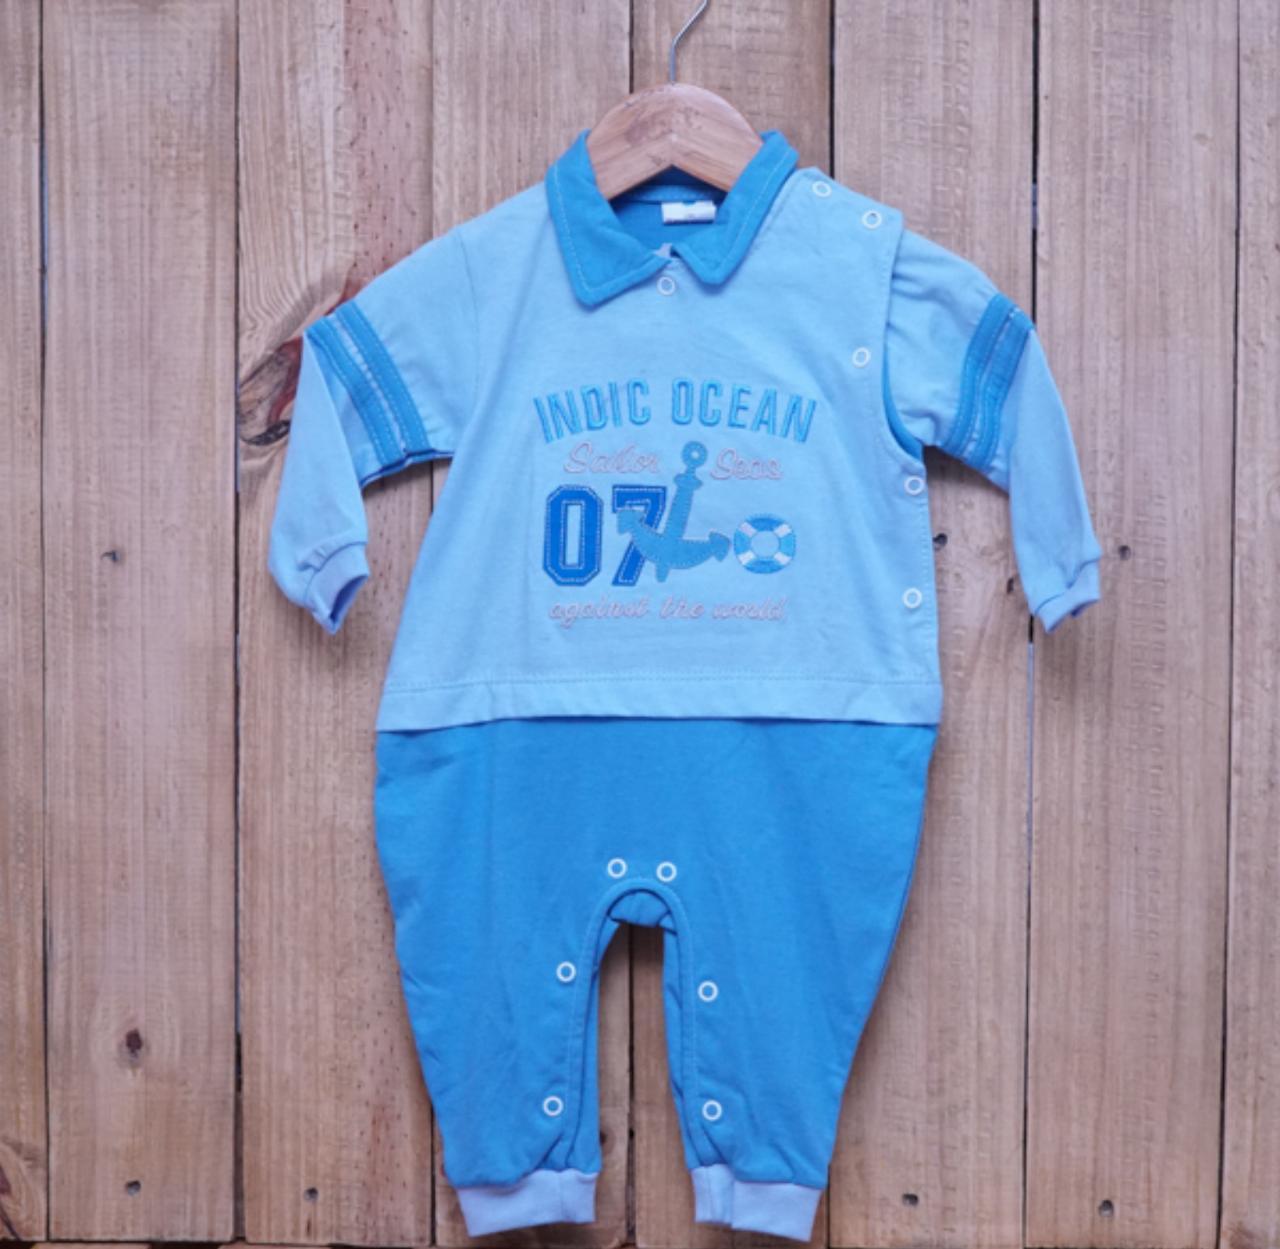 Macacão para Bebê com Gola Polo Bordado Indic Ocean Azul